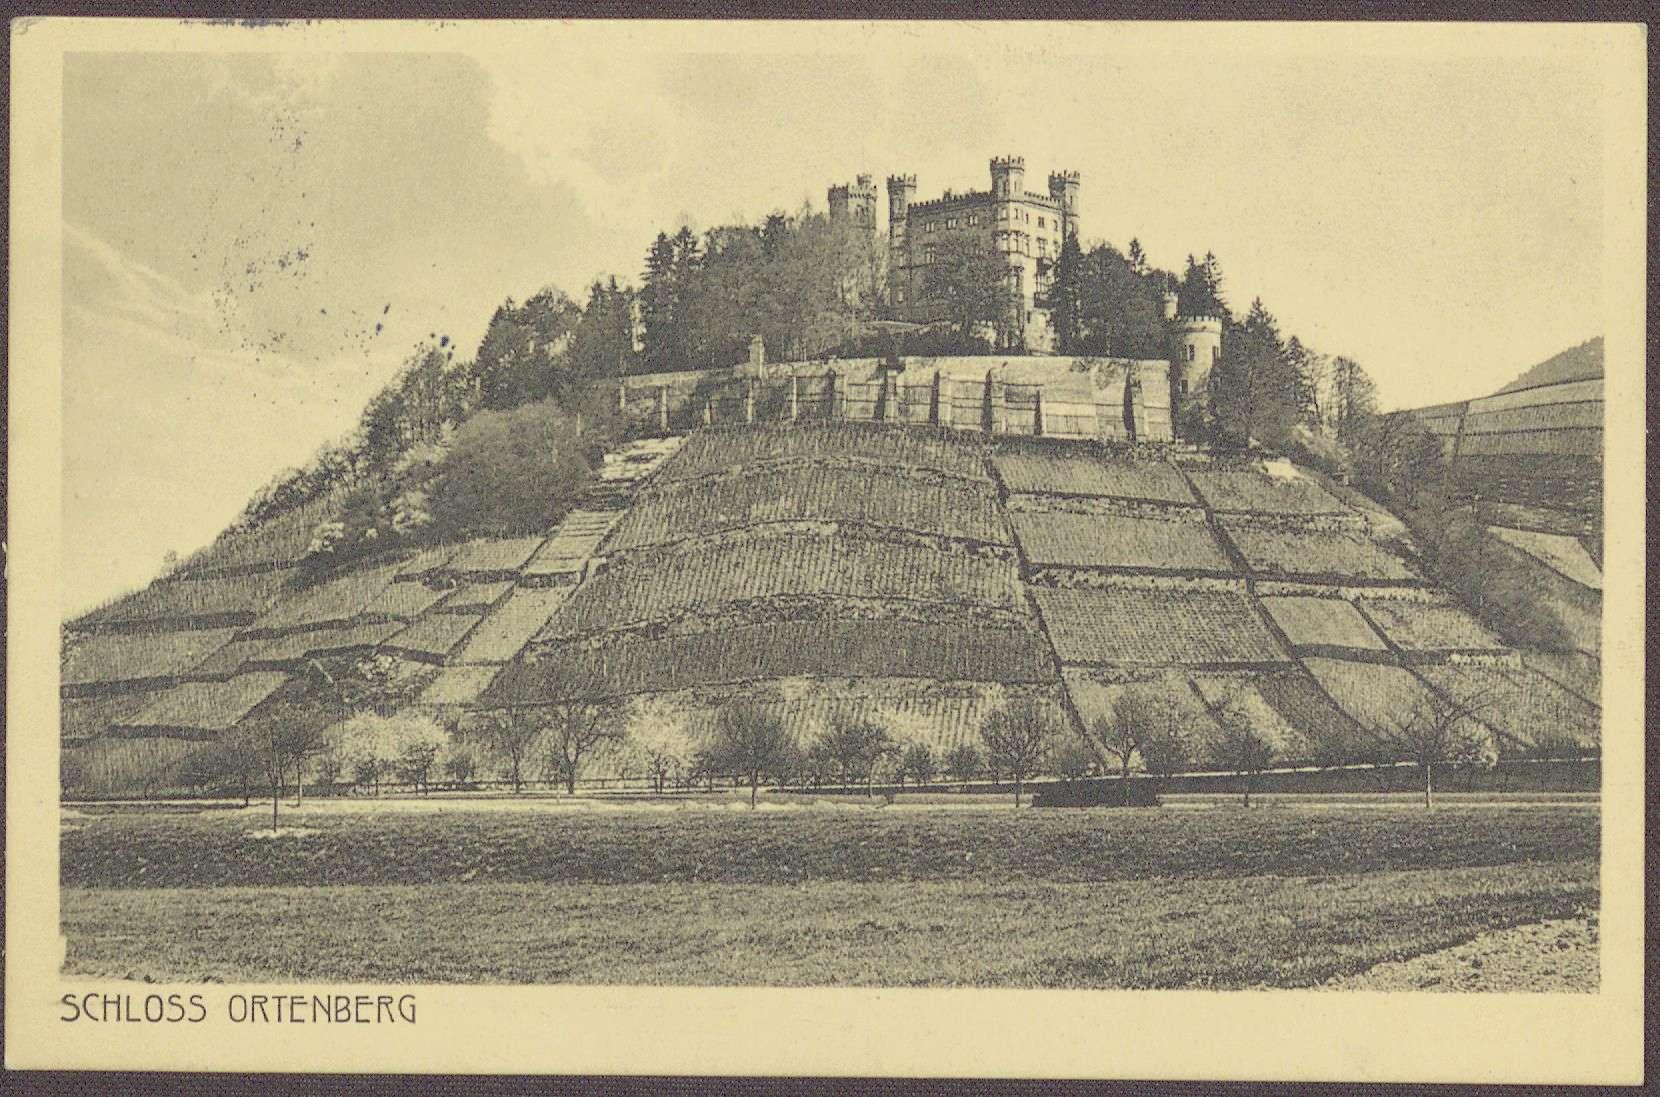 Postkarte, Motiv vom Schloss Ortenberg, an Constantin Fehrenbach, Gratulation zur Zabern-Rede, Bild 1